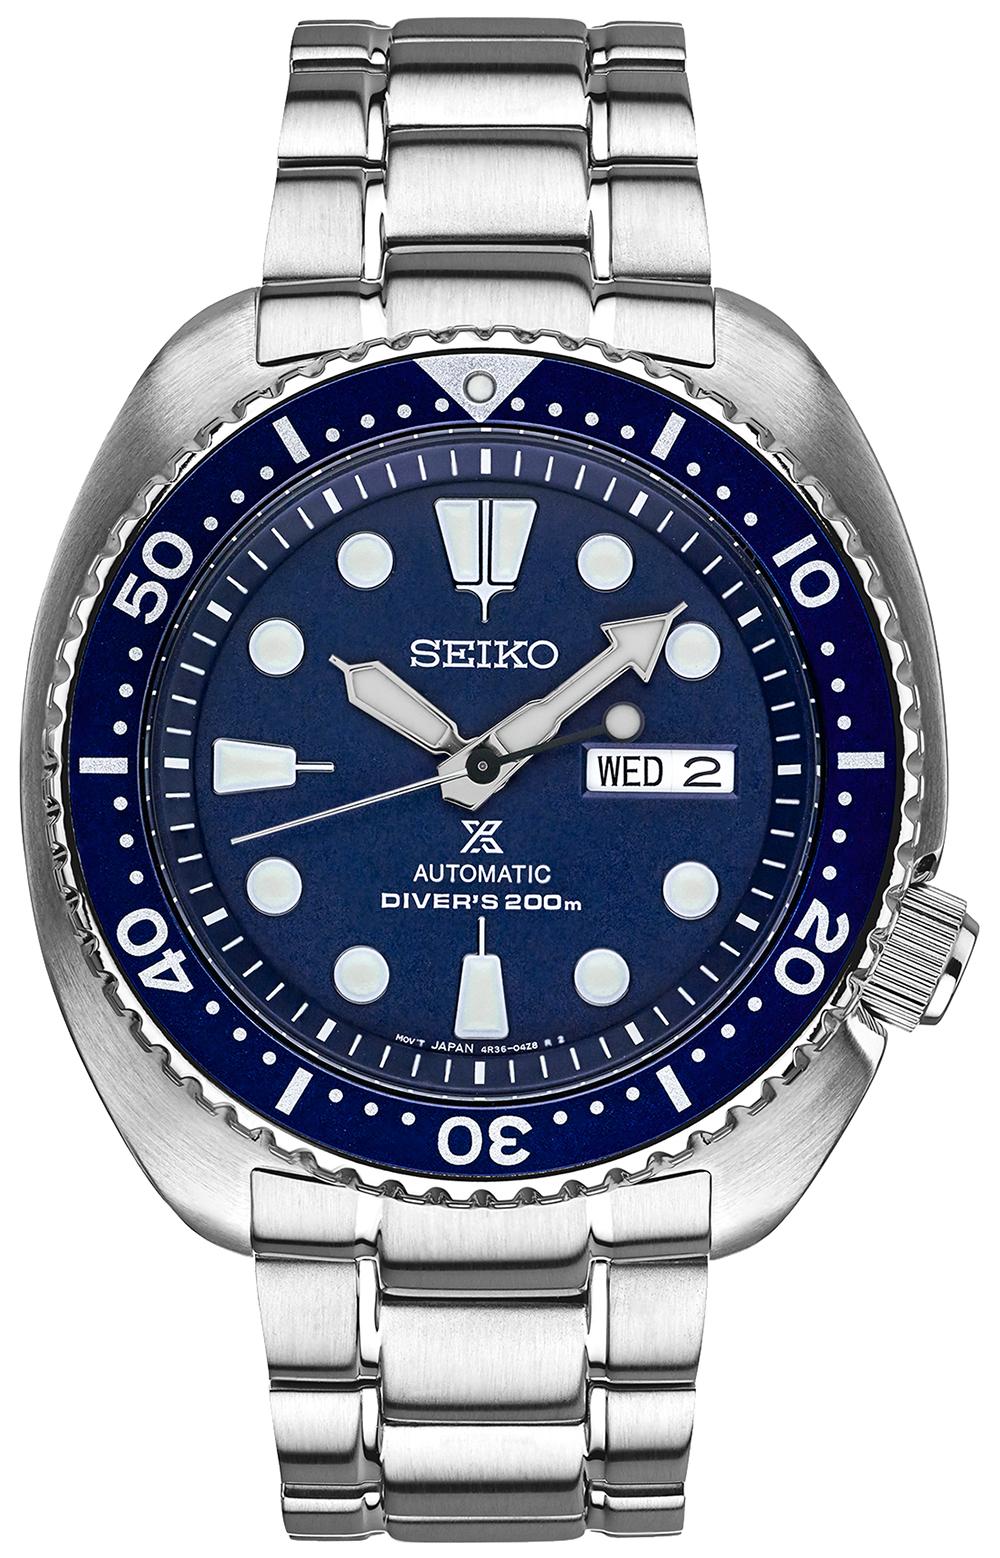 Klasyczny, męski zegarek Seiko SRP773K1 Automatic na srebrnej, stalowej bransolecie oraz kopercie z tego samego materiału i w tym samym kolorze. Bezel zegarka jest w niebieskim kolorze z białym numerowaniem. Tracza zegarka jest niebieska z indeksami i wskazówkami pokrytymi Neobrite.